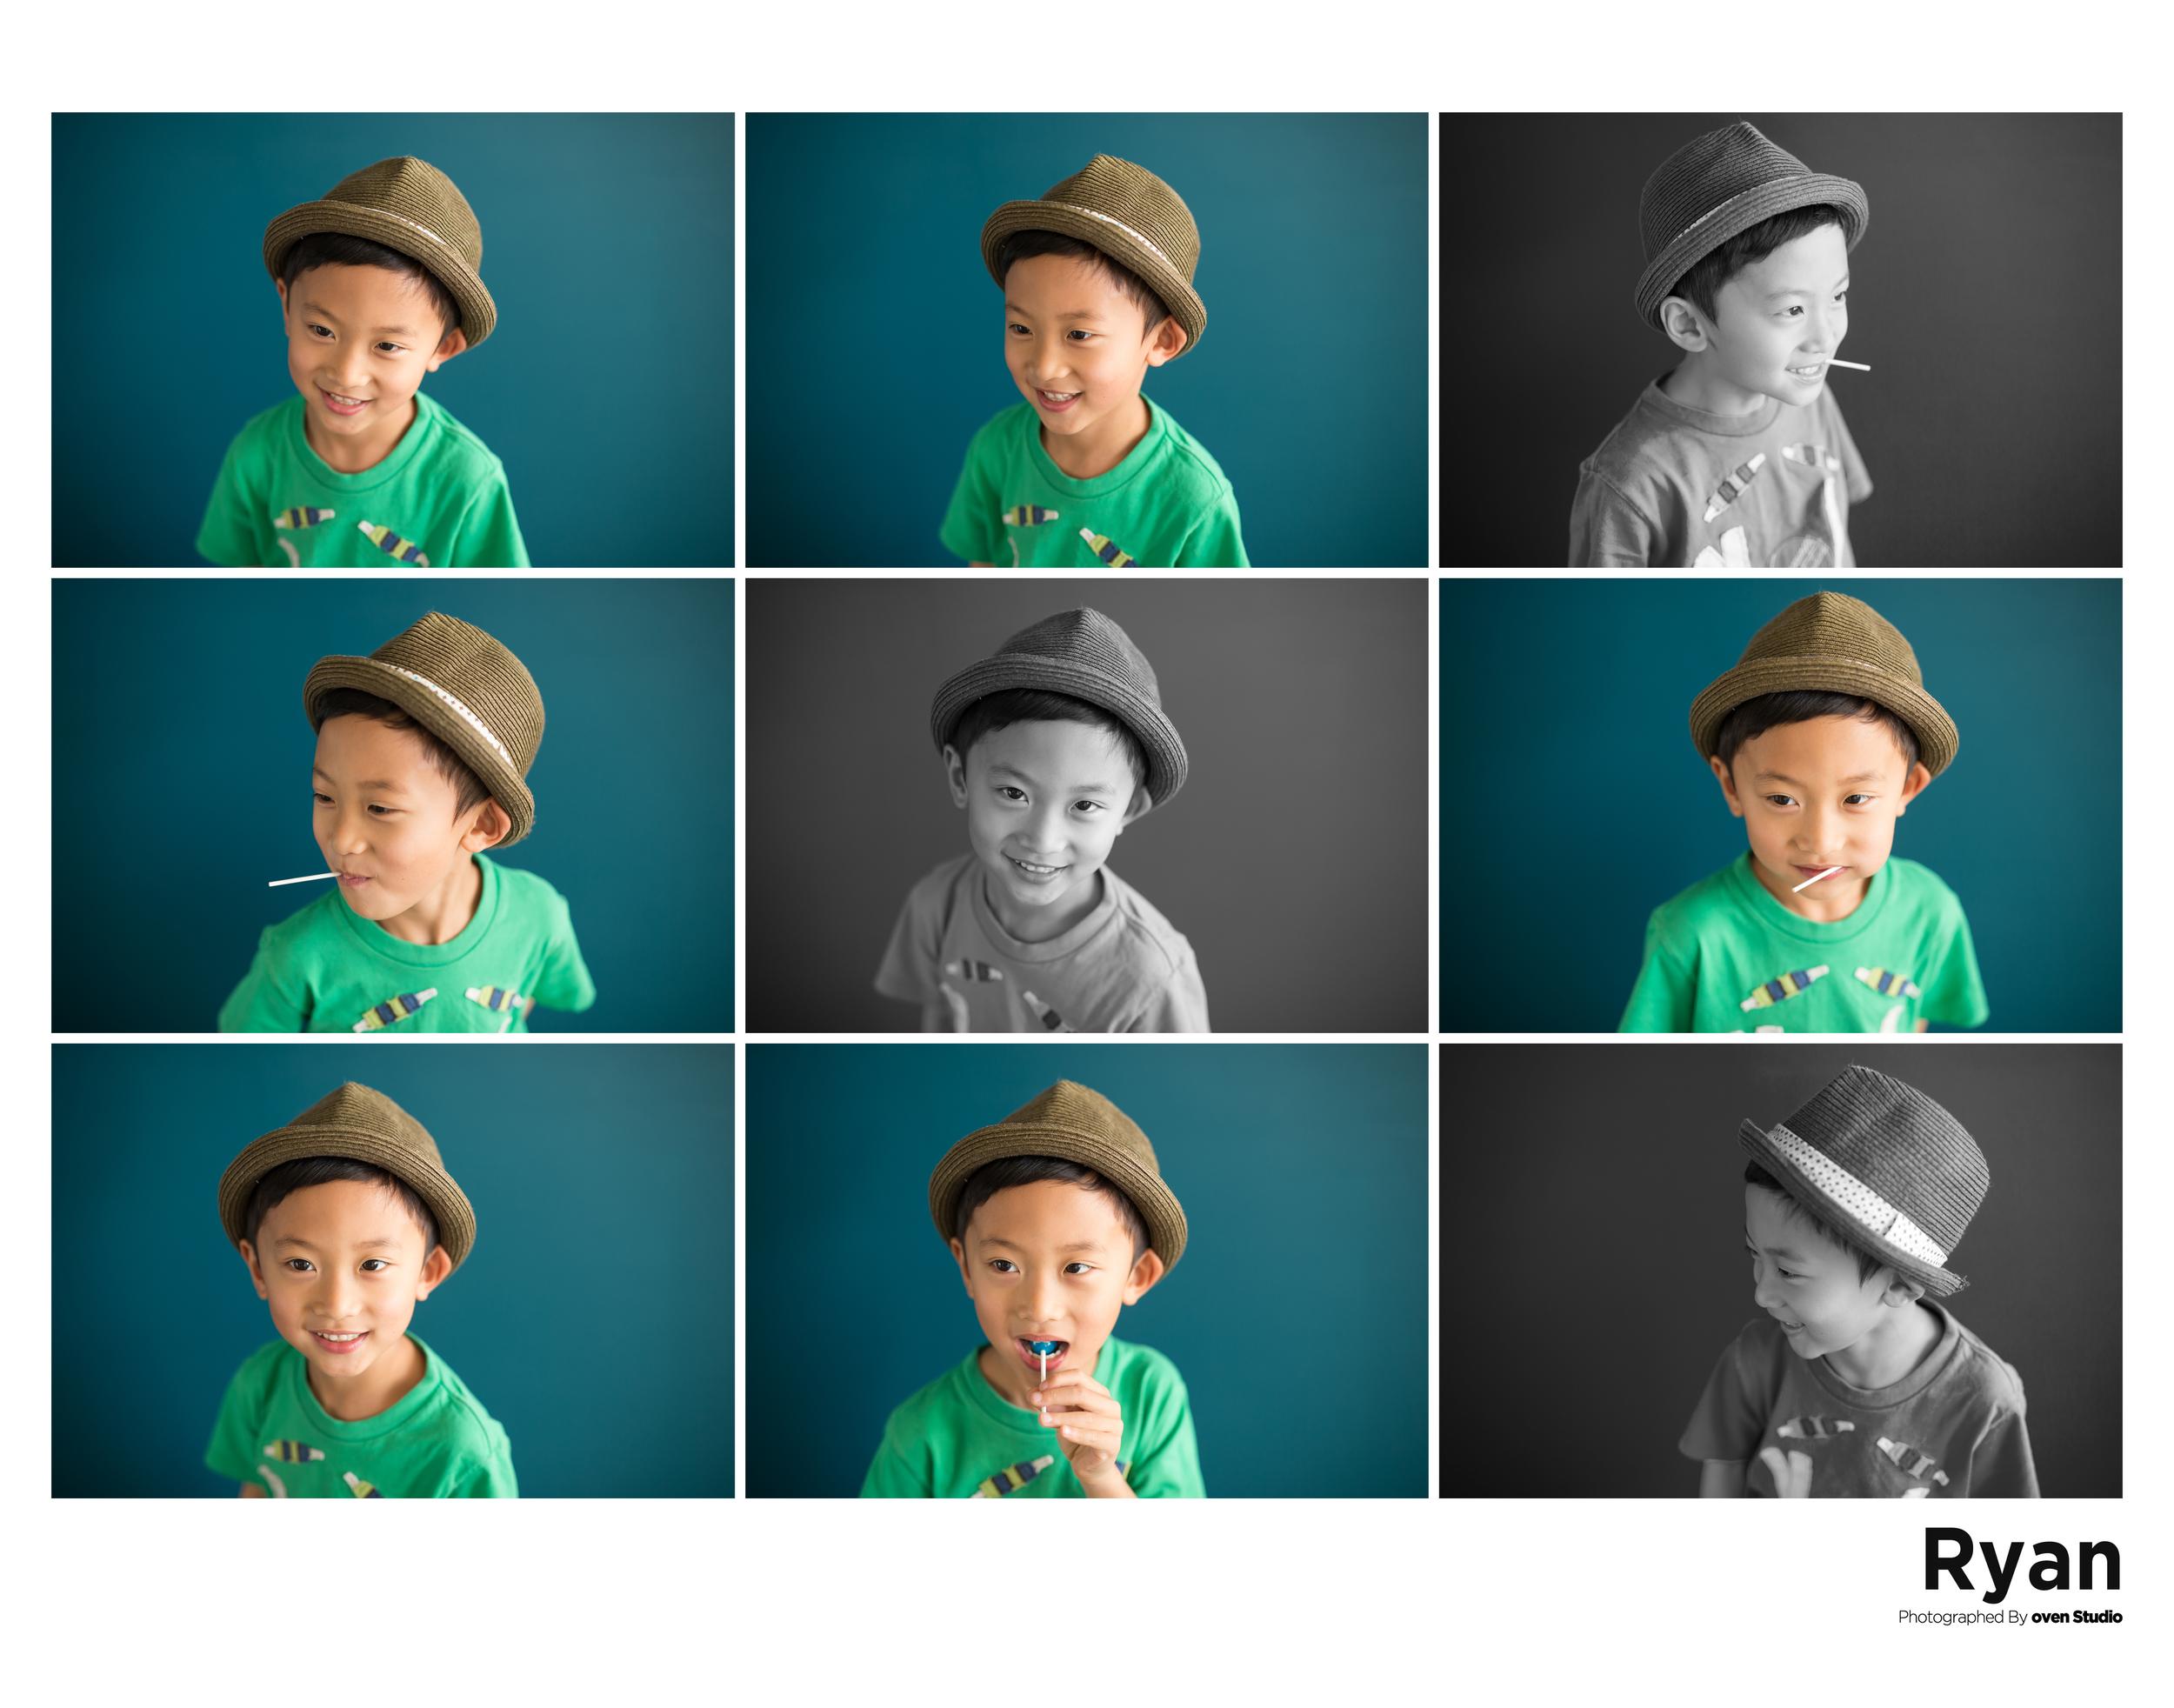 다시 기본부터 시작하는 마음으로 촬영한 라이언의 3살사진.  돌때 촬영하고 이번에 동생과 같이온 개구장이 라이언.  하나부터 다시 기본으로 돌아가서 시작하는 사진가과 되길.  다시 기본부터...